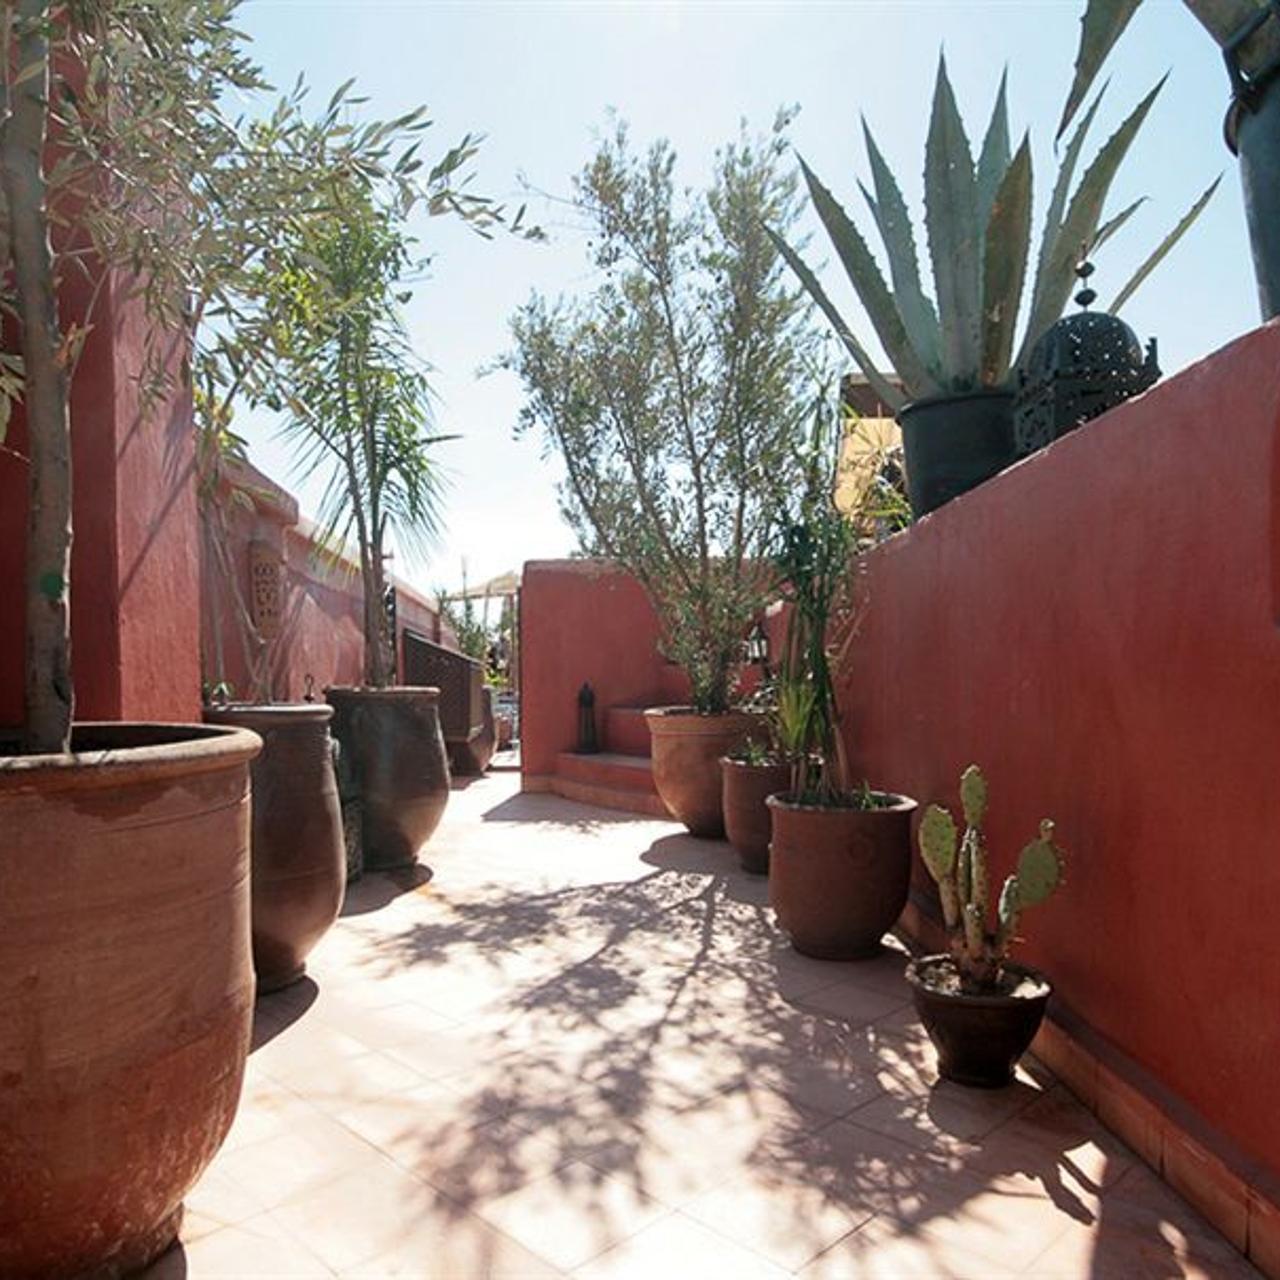 Hotel Spa Riad Dar El Aila 4 Hrs Star Hotel In Marrakech